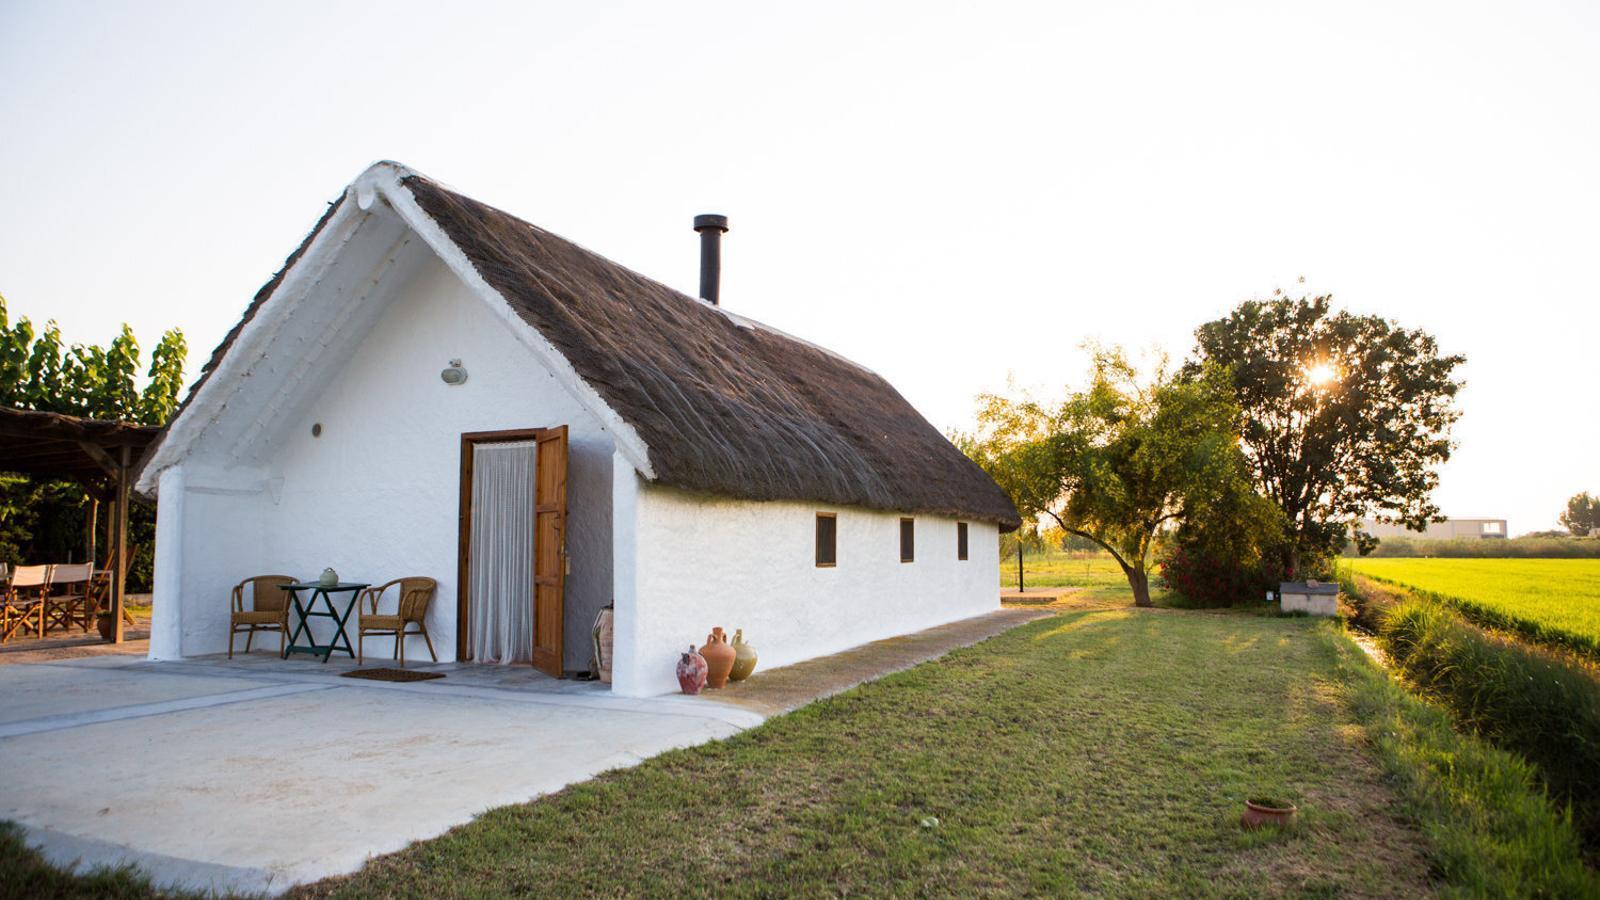 Un país per confinar-s'hi Barraca Vilbor El turisme rural autòcton del  delta de l'Ebre